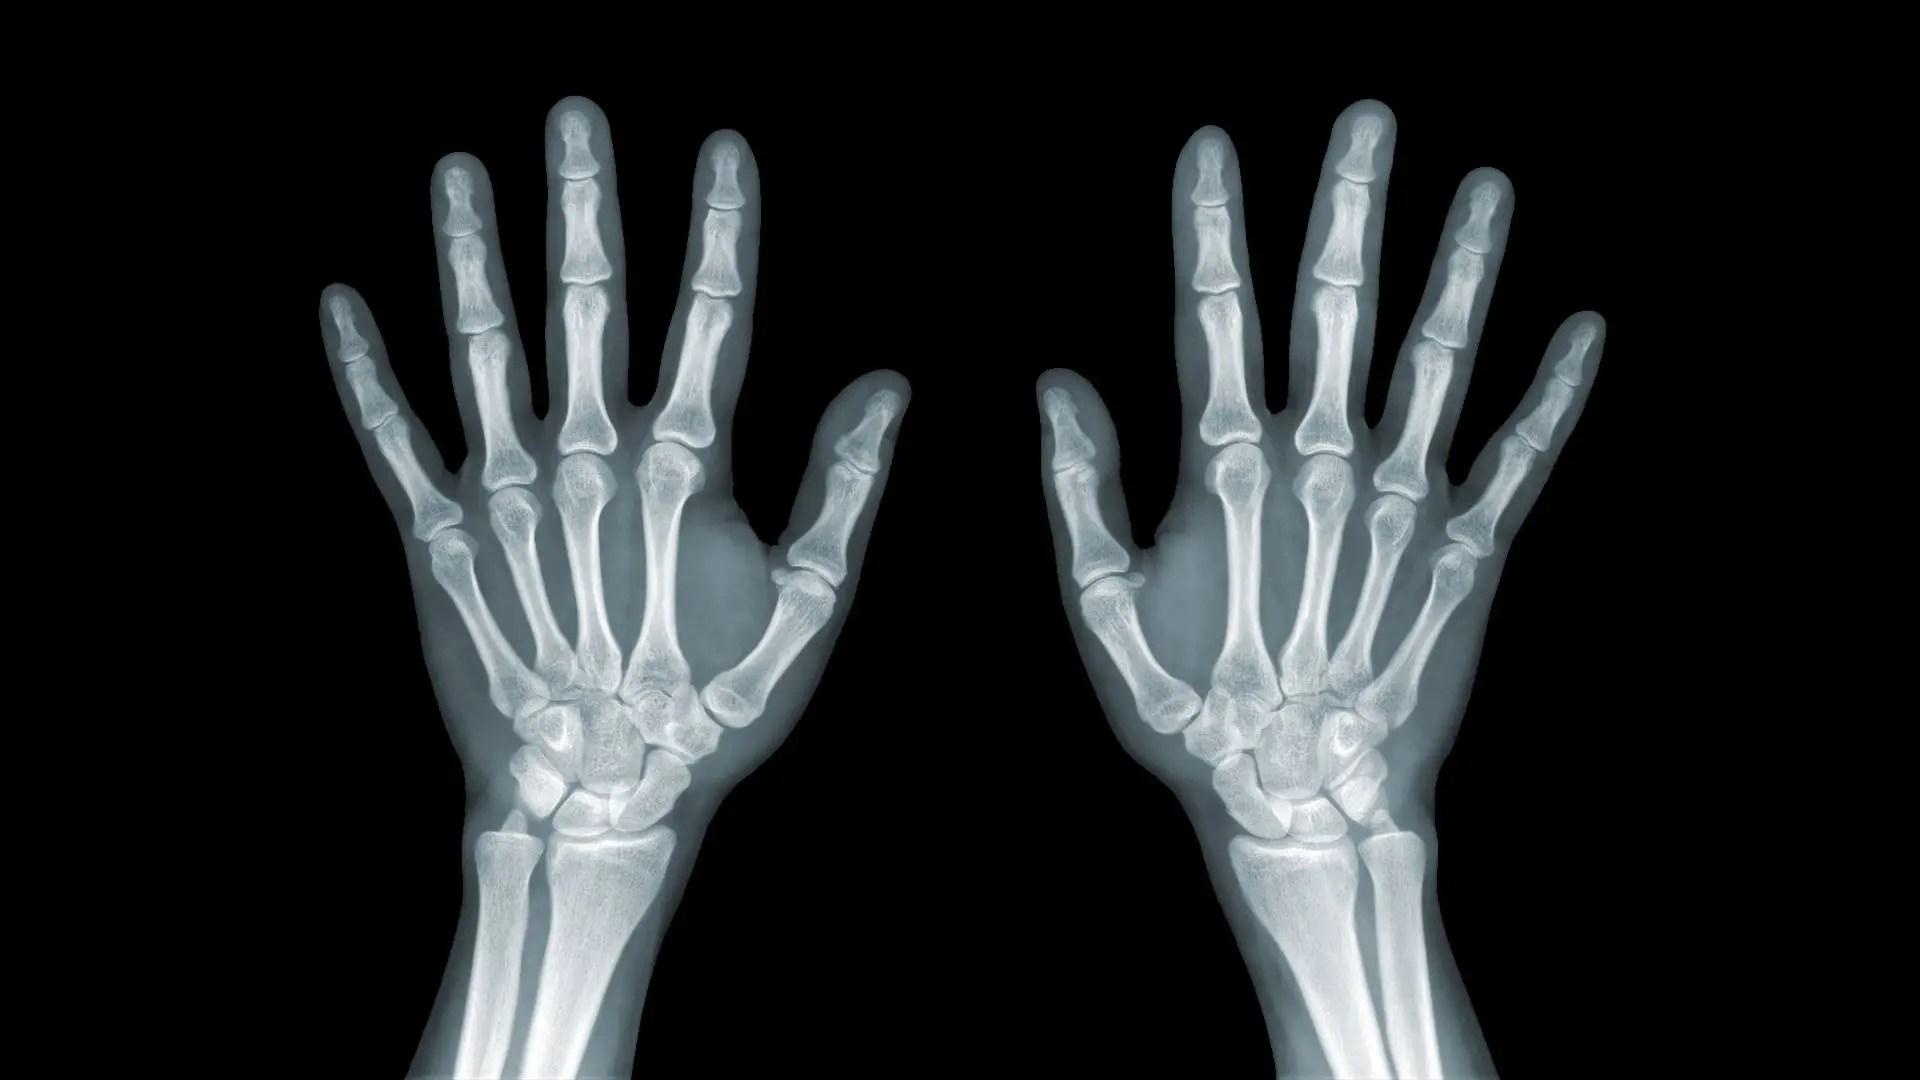 Csont a nagy lábujjnál: otthoni kezelés - Fej July